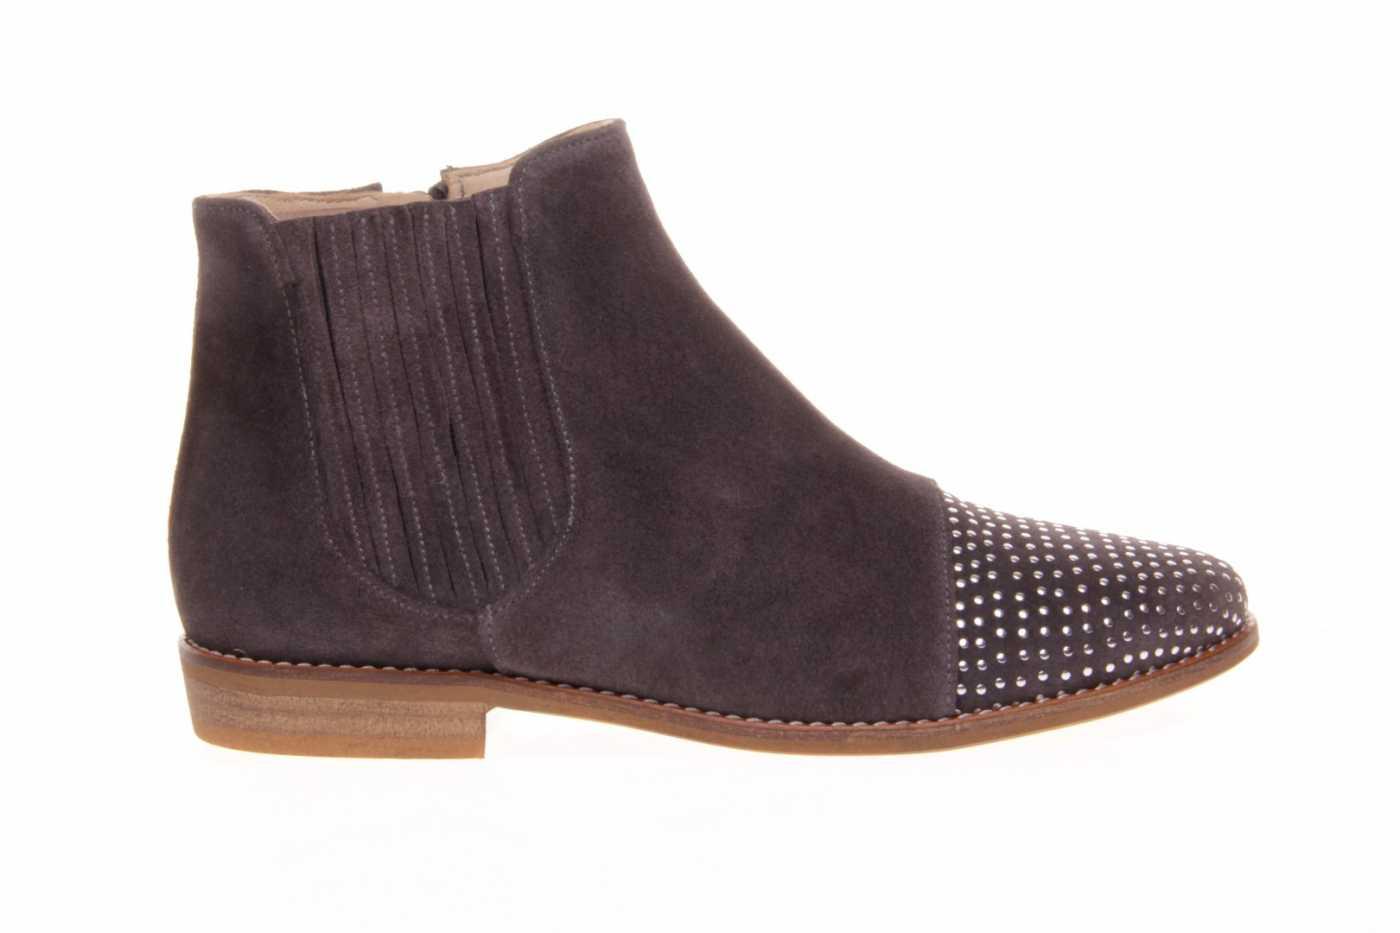 bfa9d792832 Comprar zapato tipo JOVEN NIÑA estilo BOTINES-BOTA ALTA COLOR GRIS ...